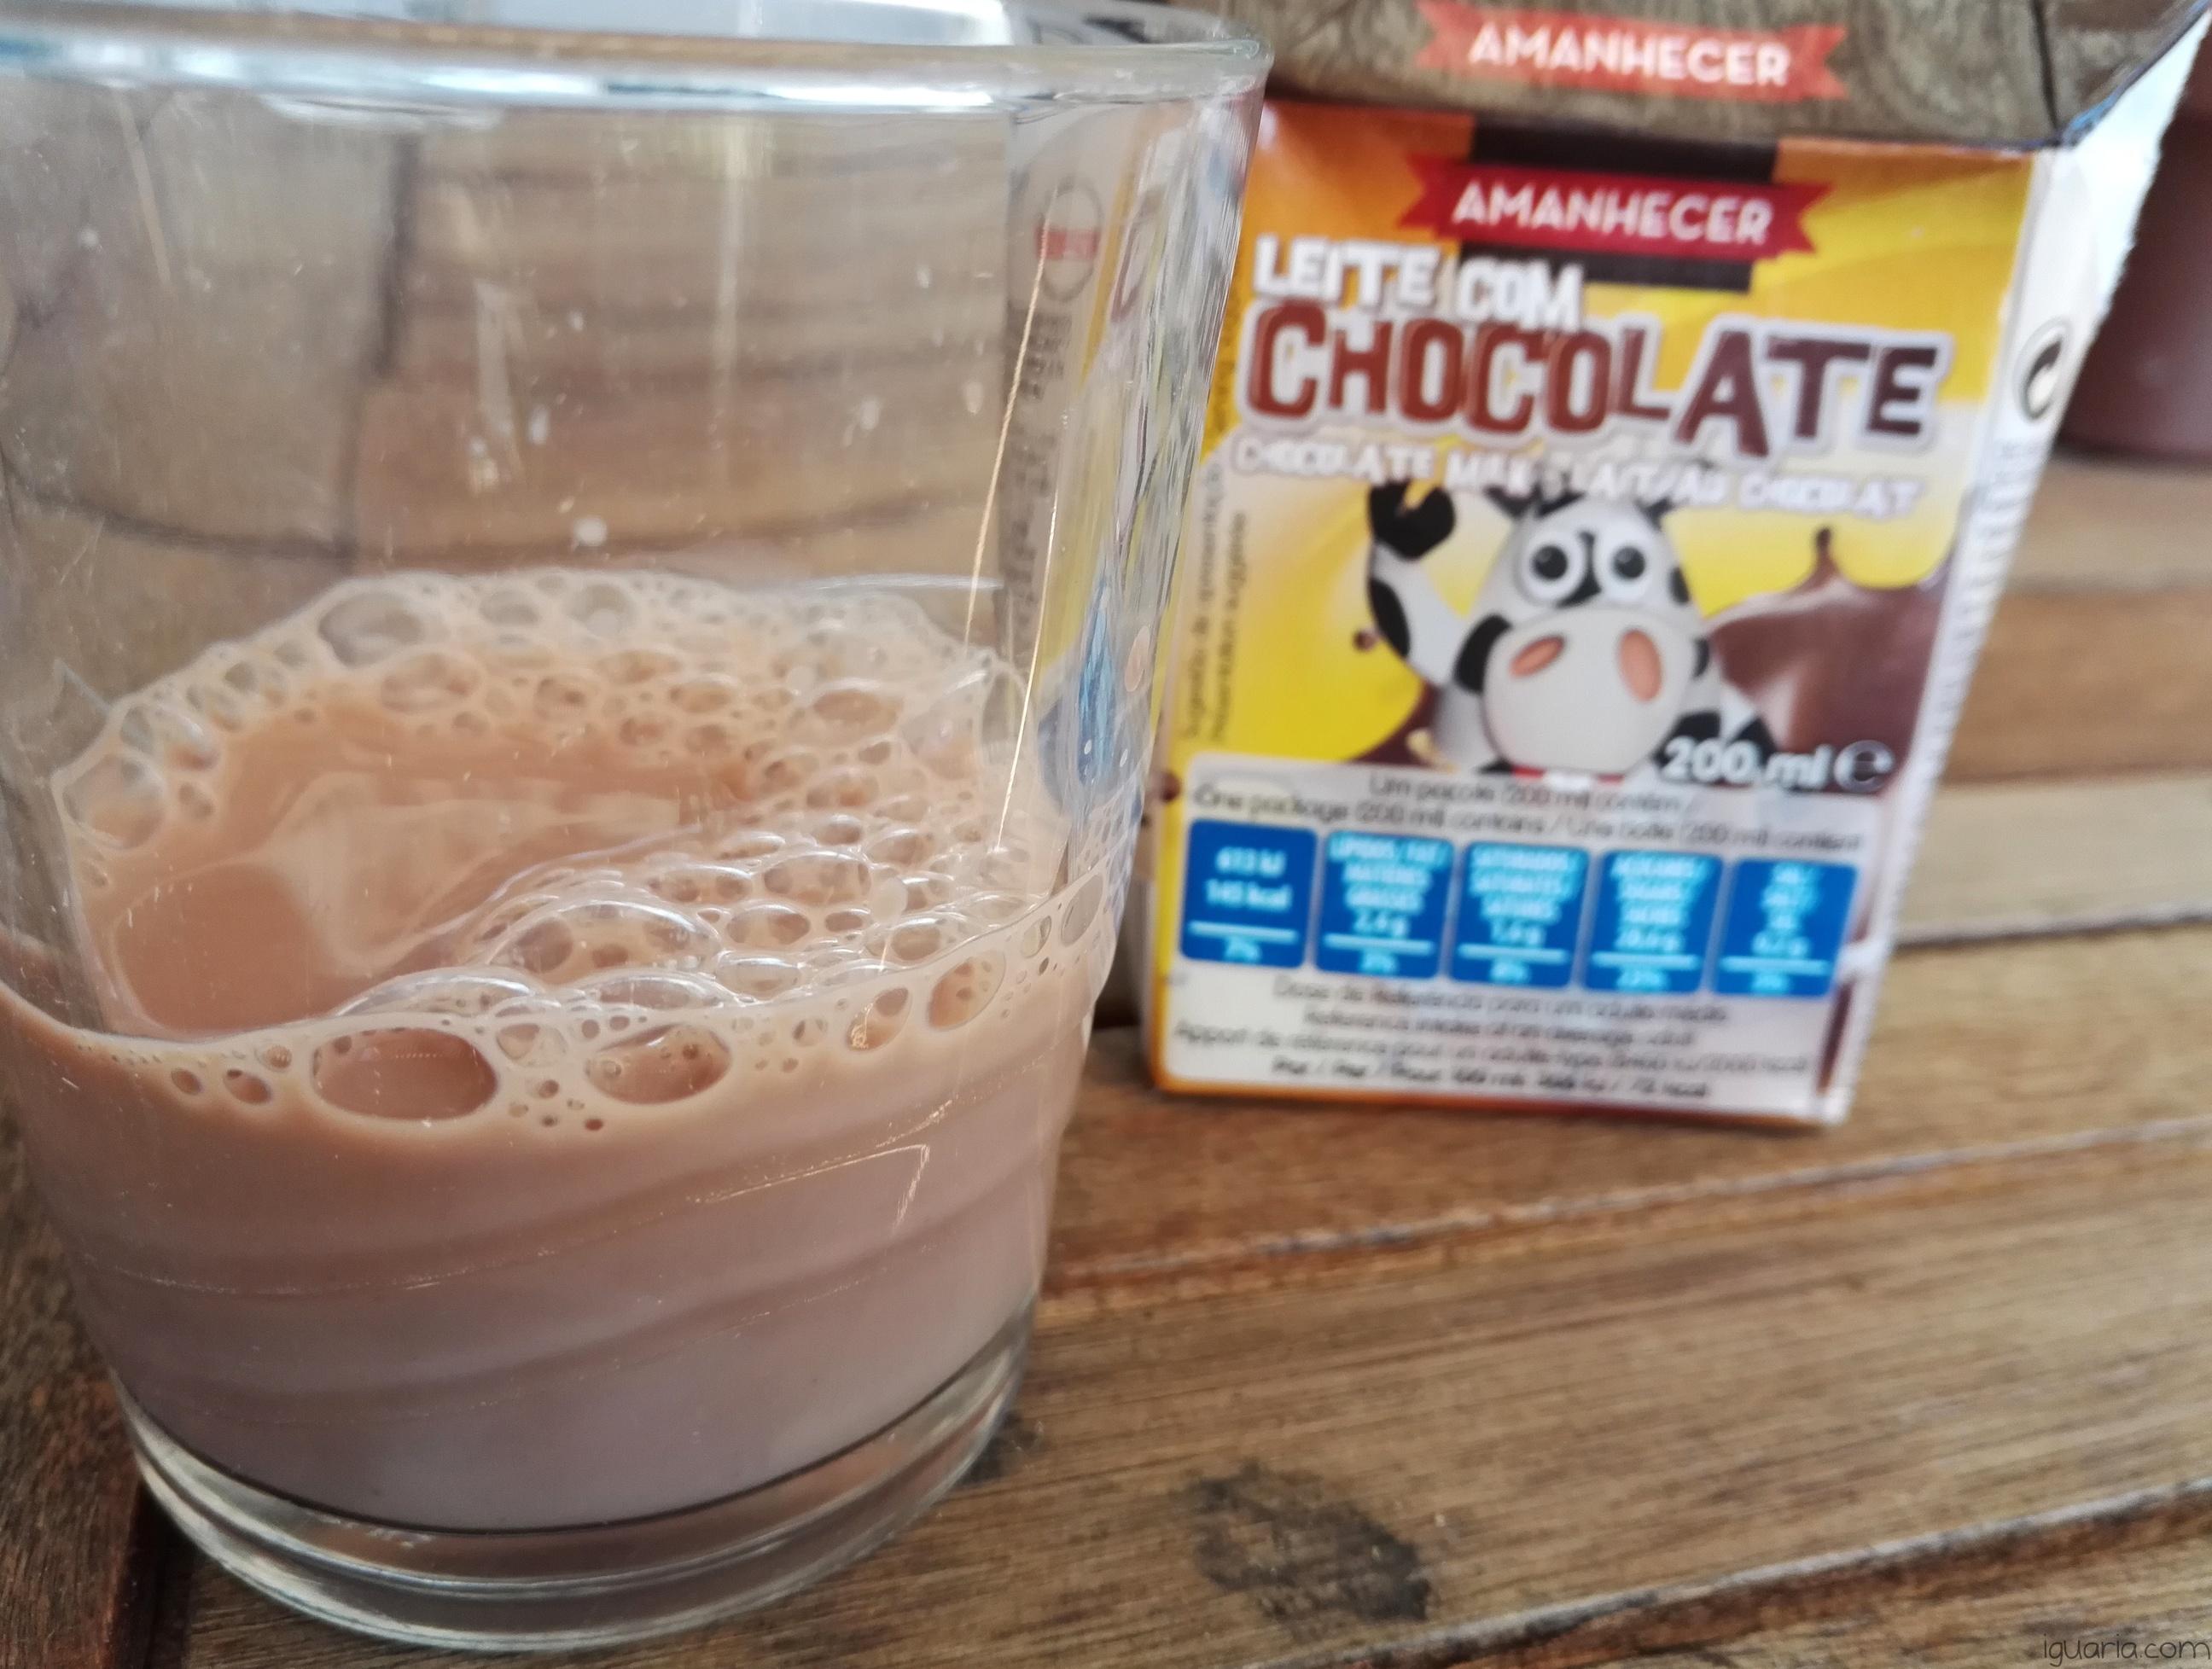 Iguaria_Amanhecer-Leite-Chocolate